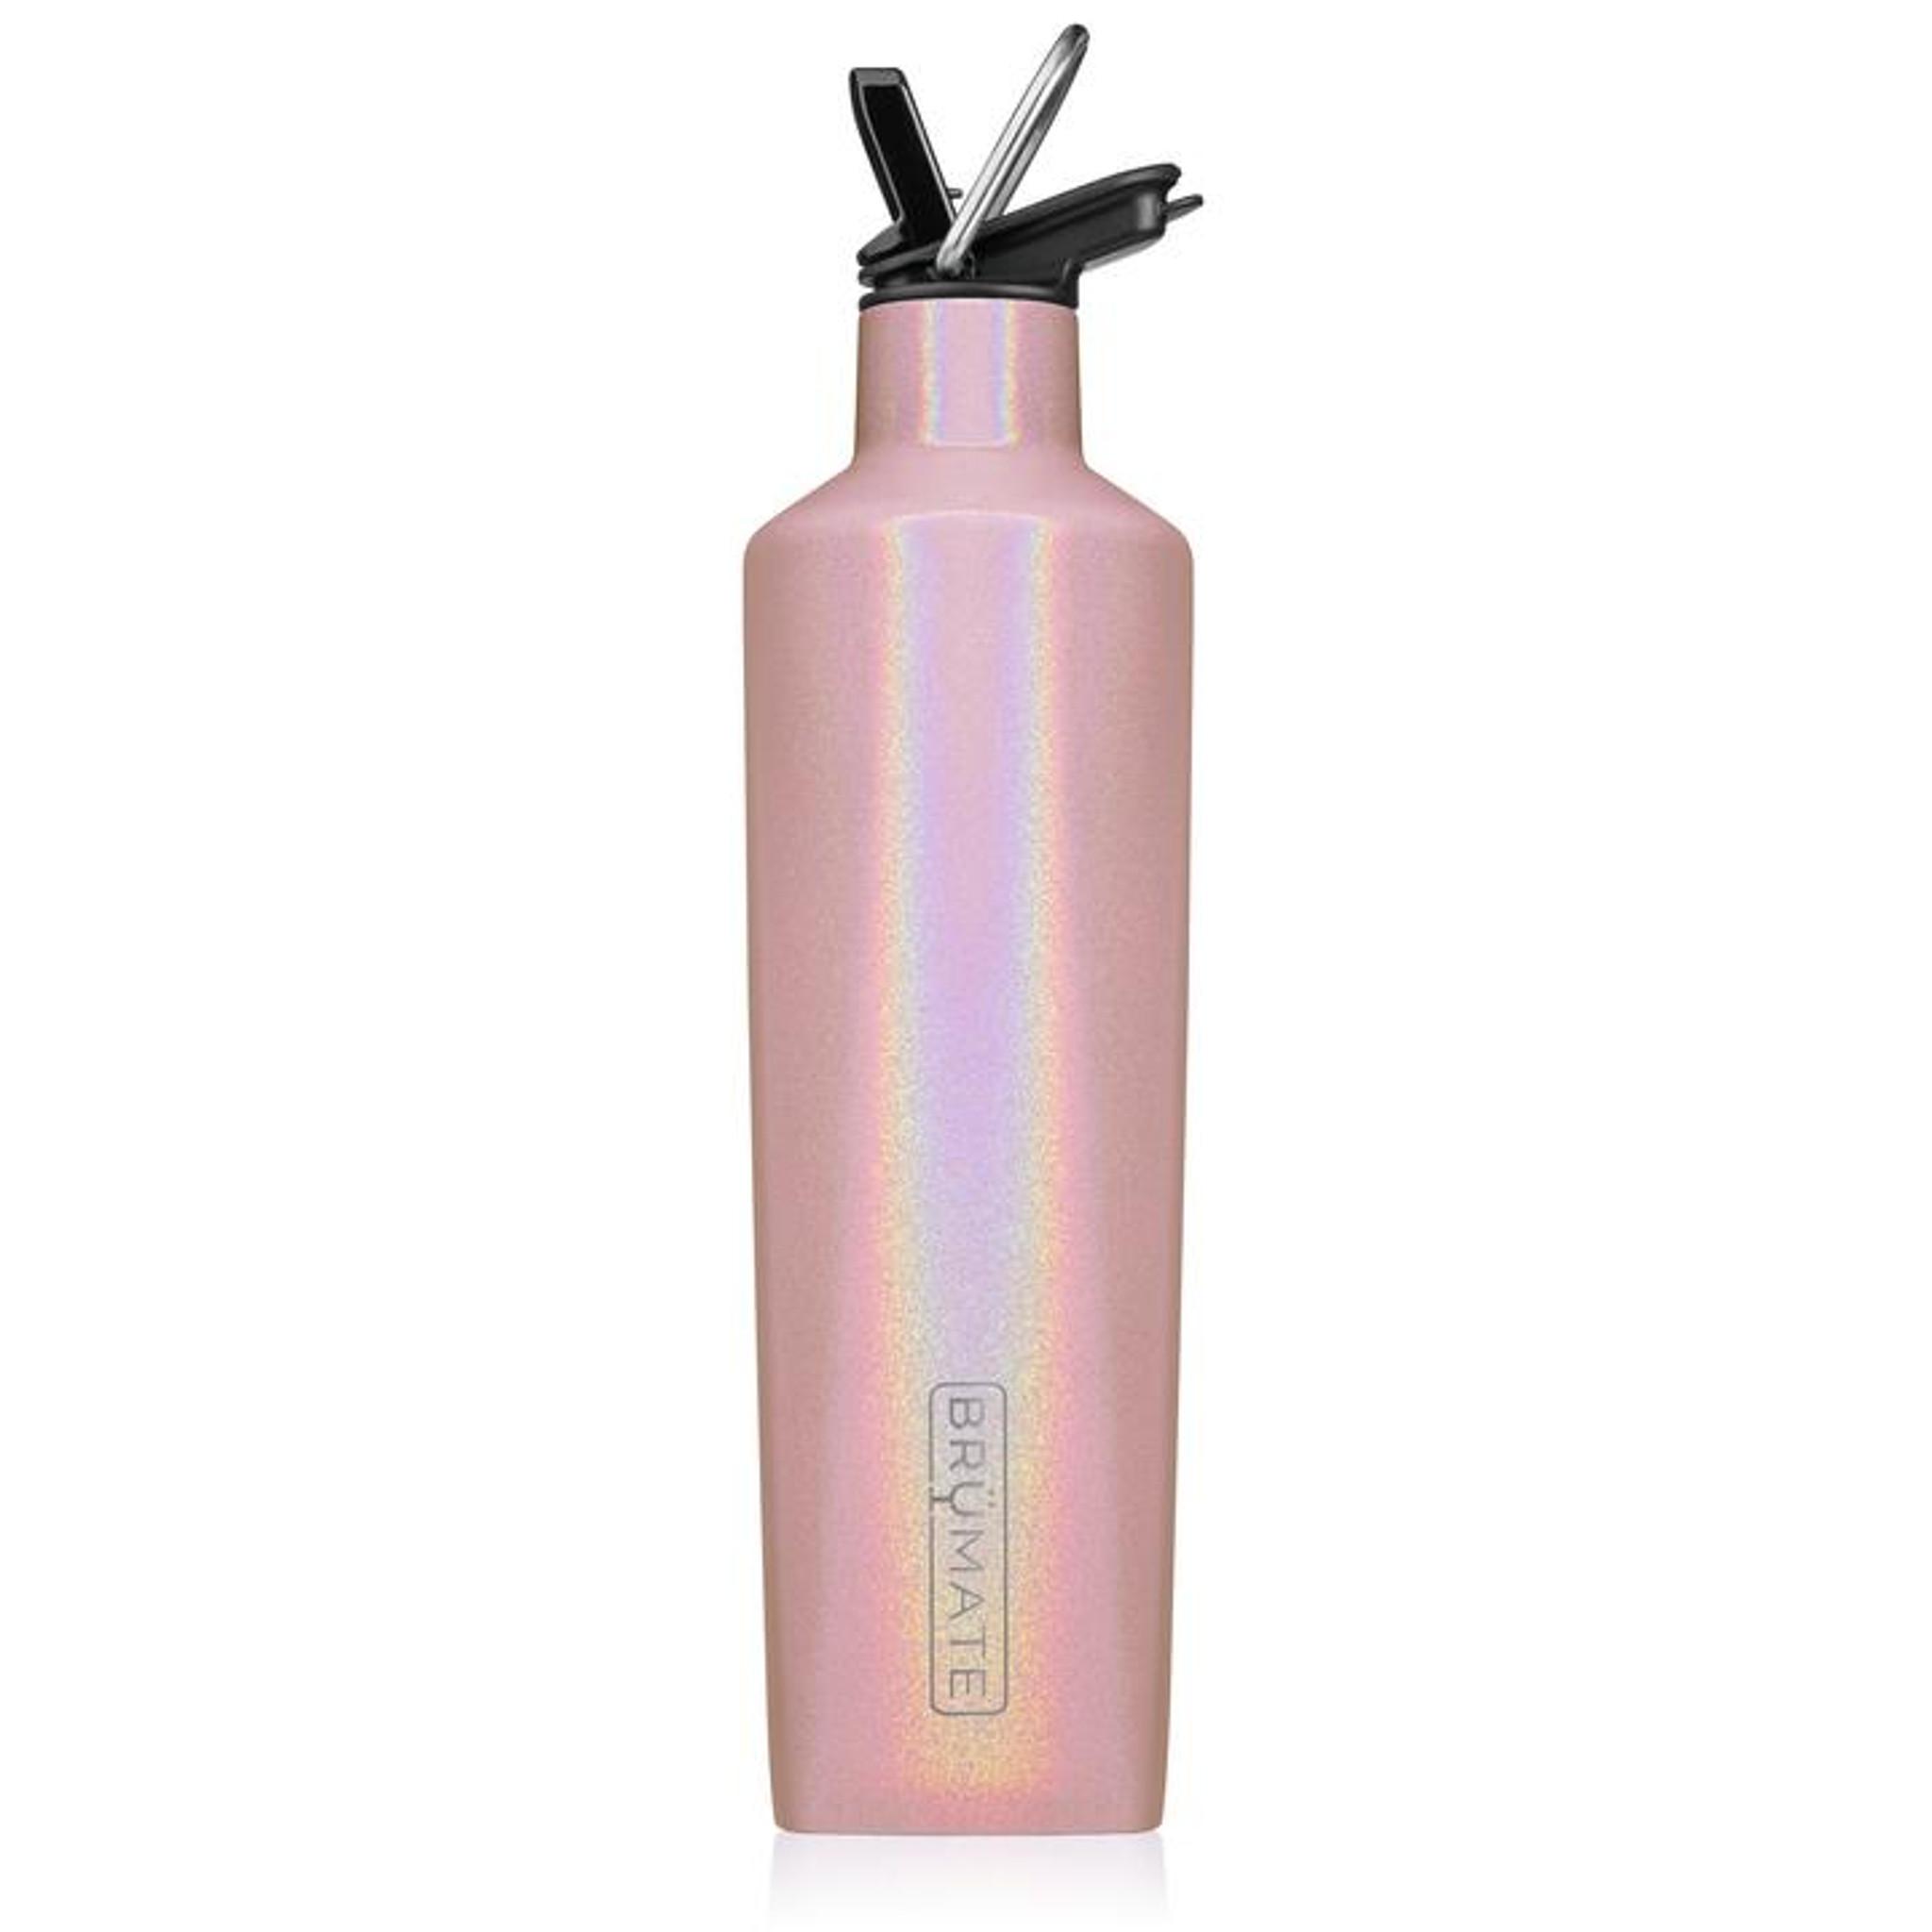 Brumate Rehydration Bottle - Glitter Blush